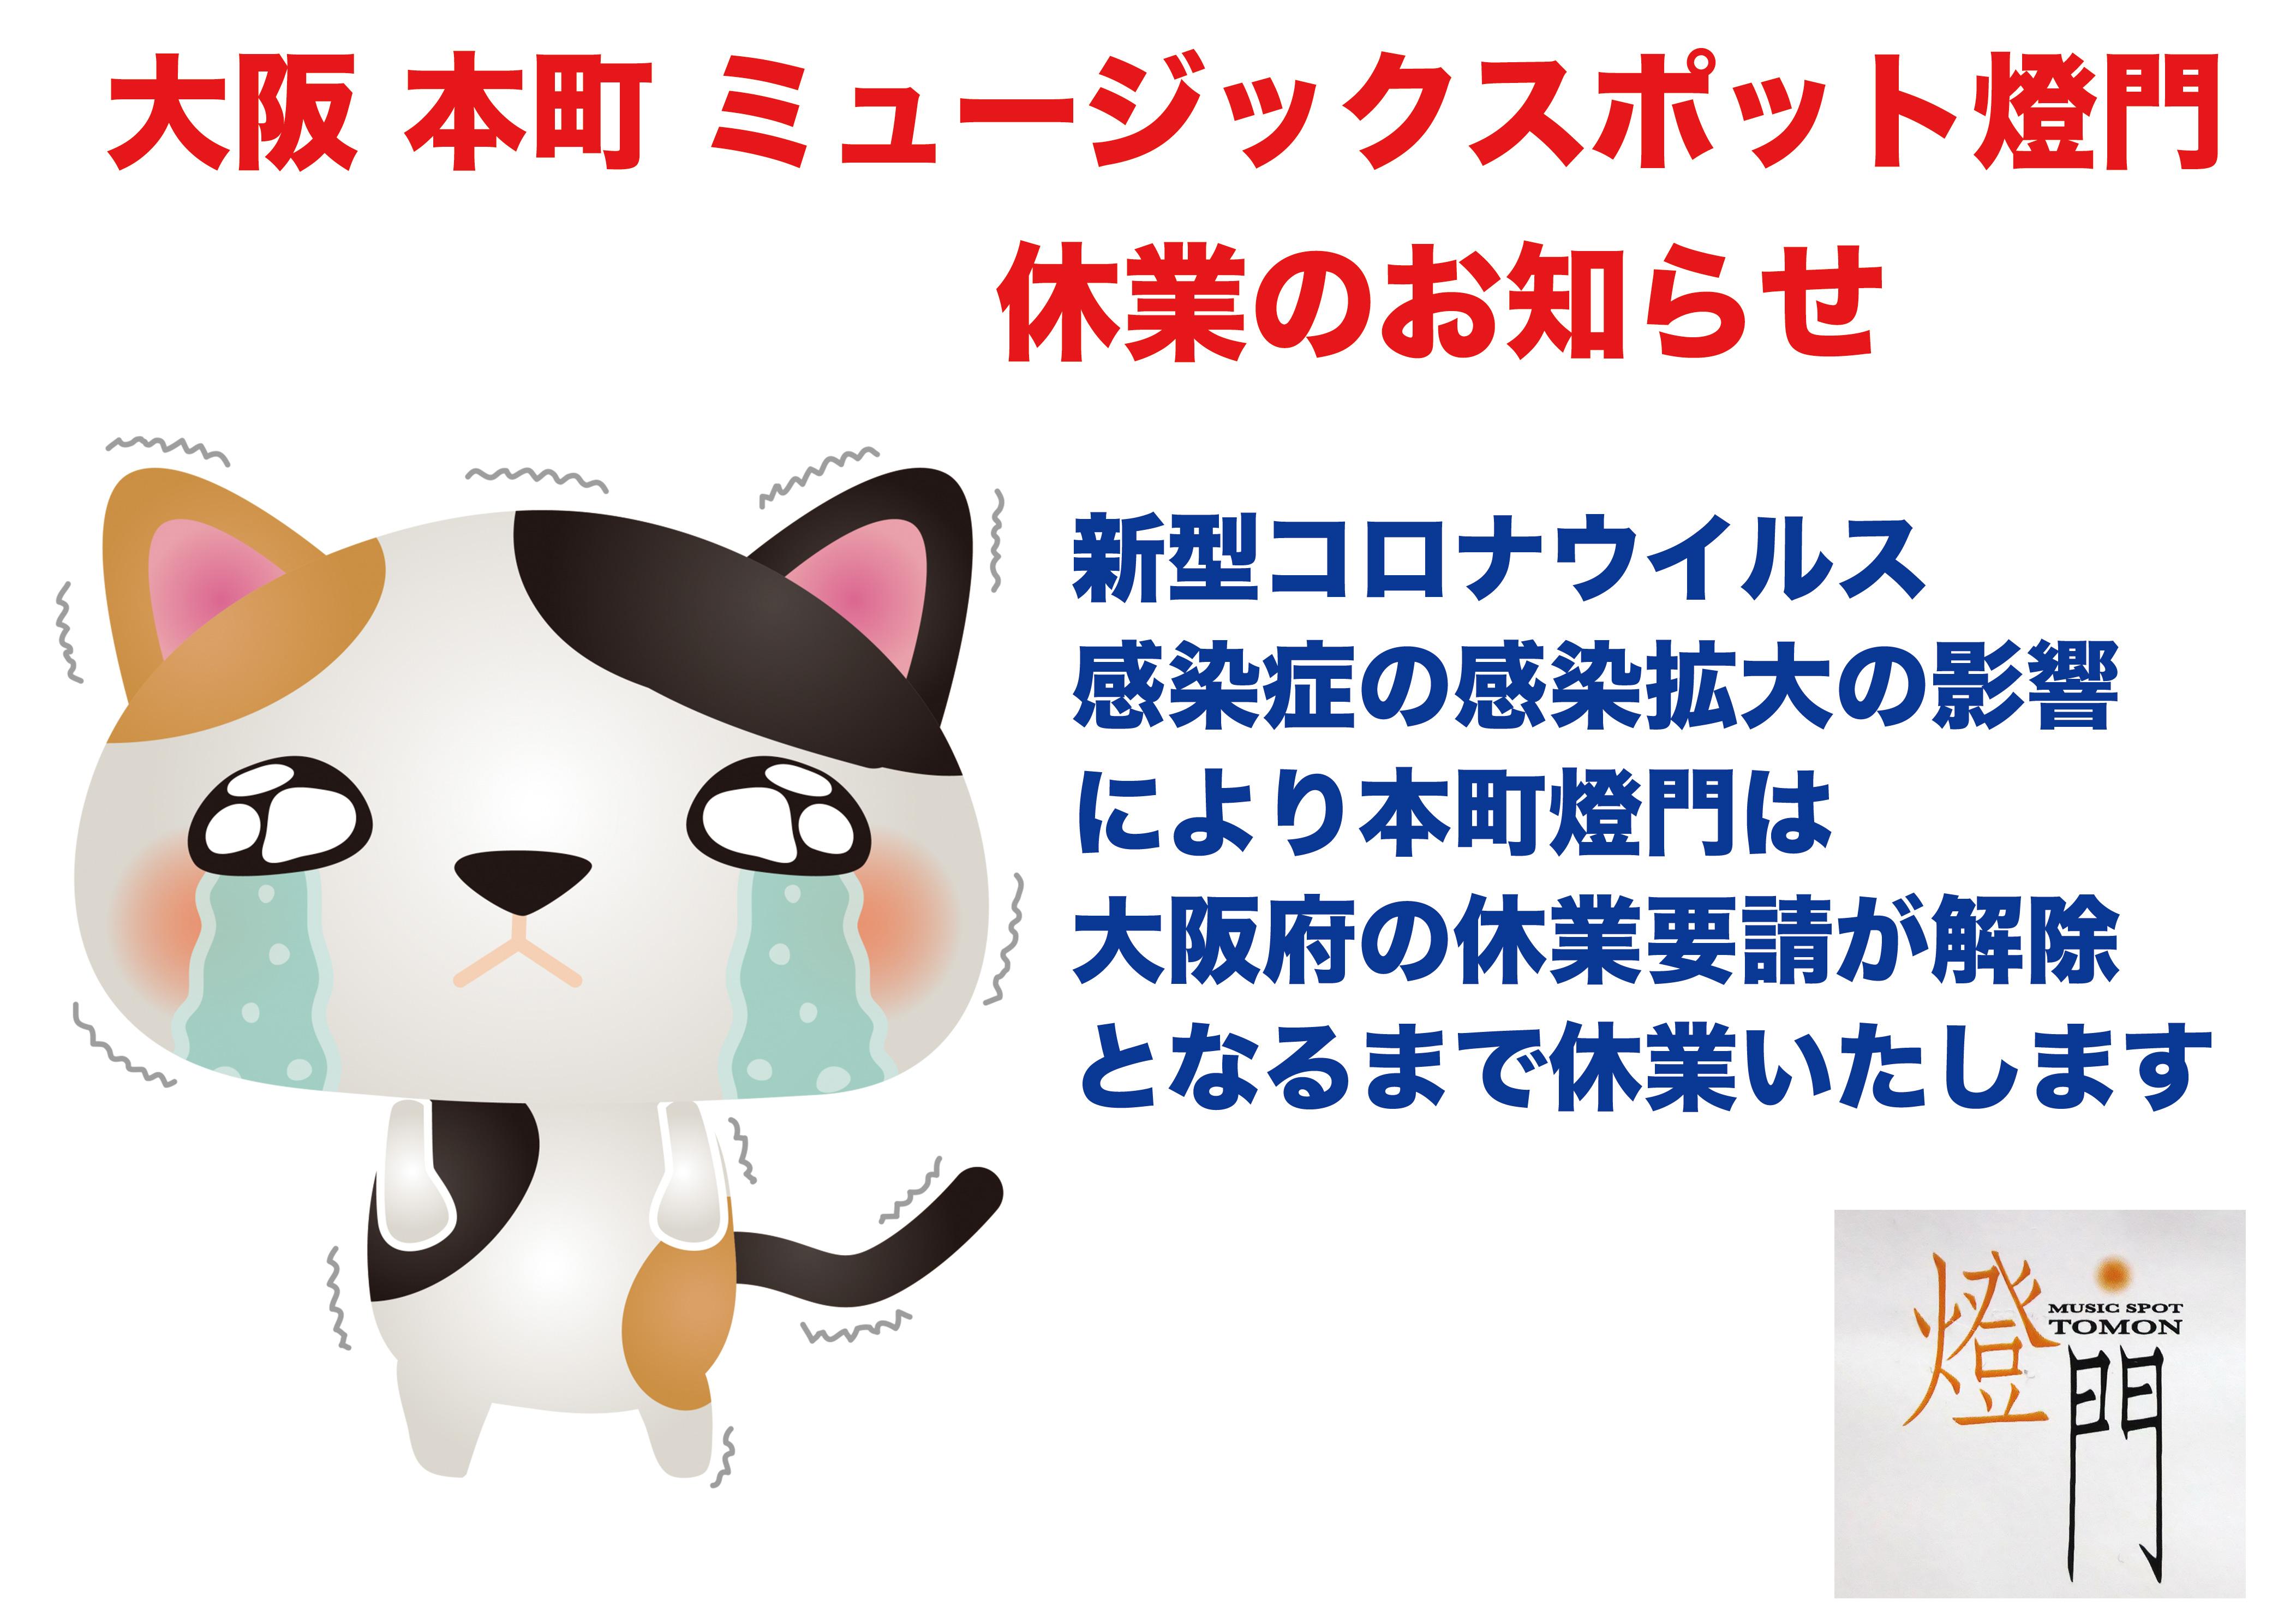 休業継続のお知らせ〜大阪府の要請解除まで営業することができません